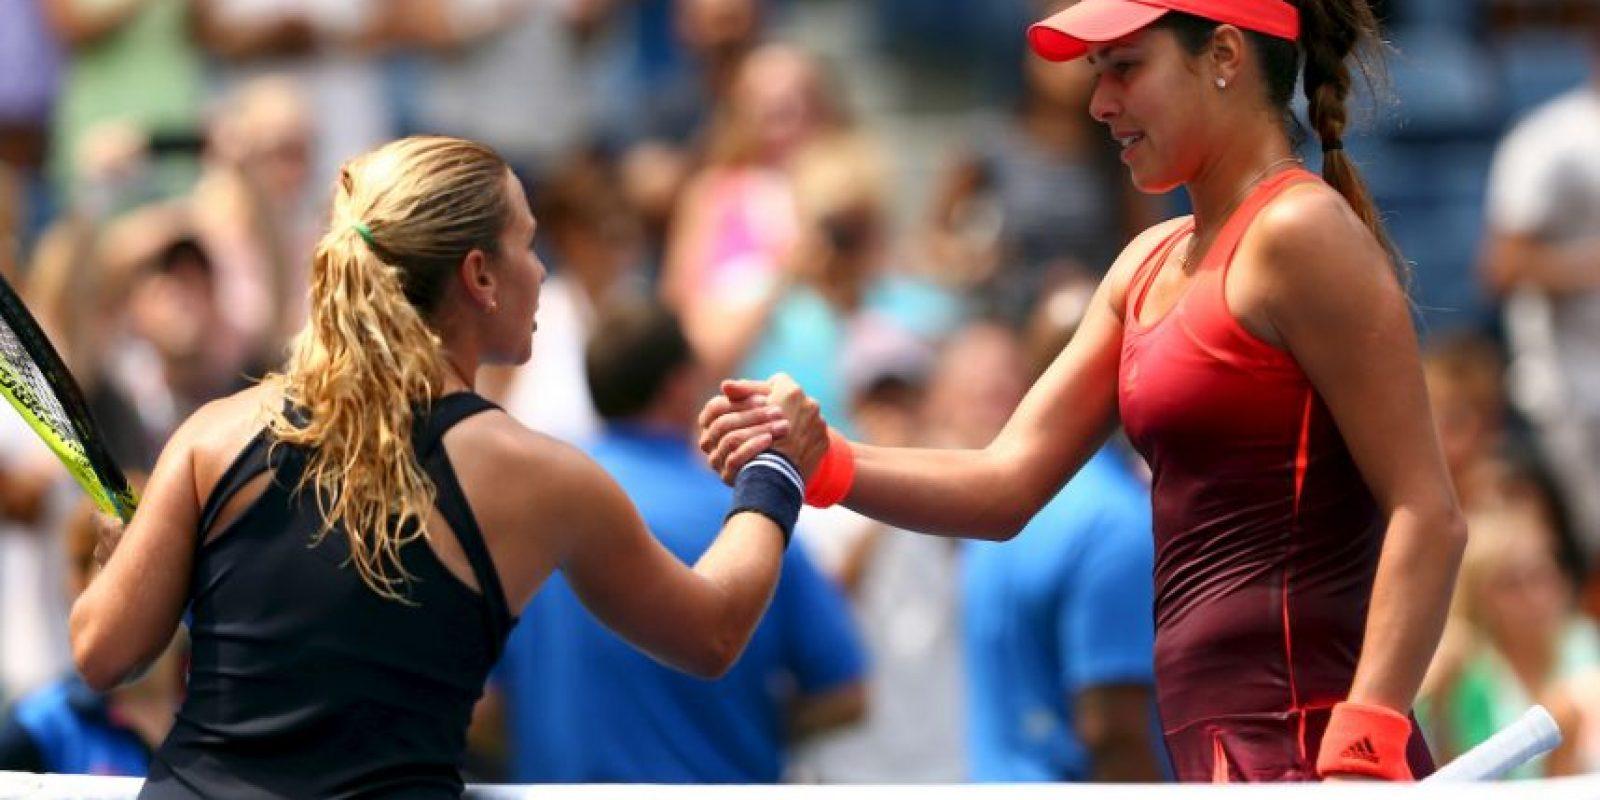 La serbia fue eliminada en primera ronda por la eslovaca Dominika Cibulkova (50). Foto:Getty Images